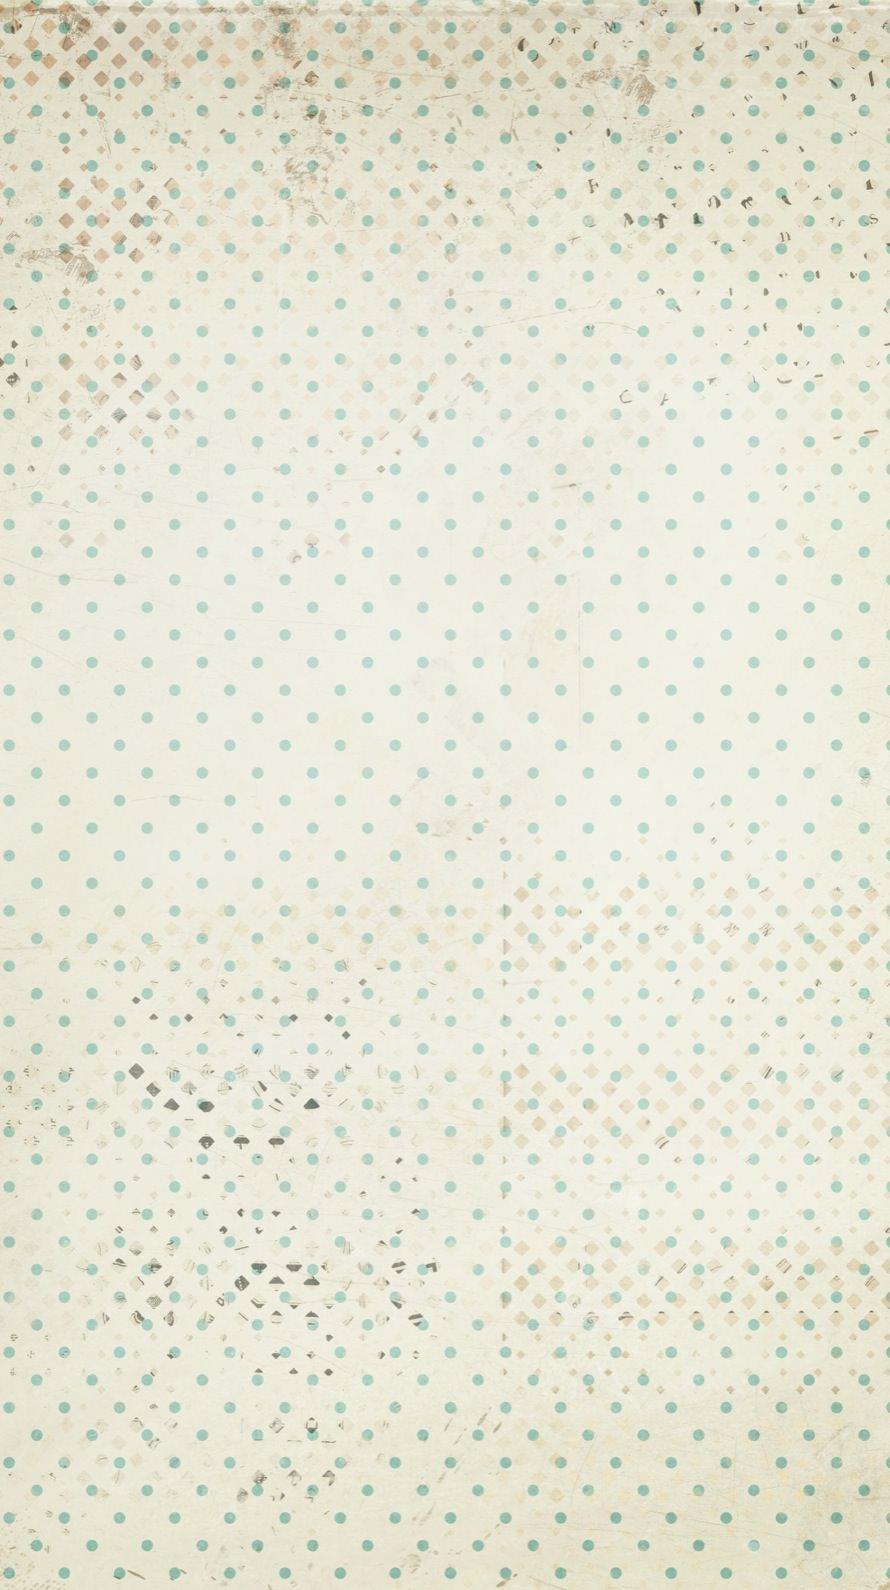 ドット白 Wallpaper Sc Iphone6s壁紙